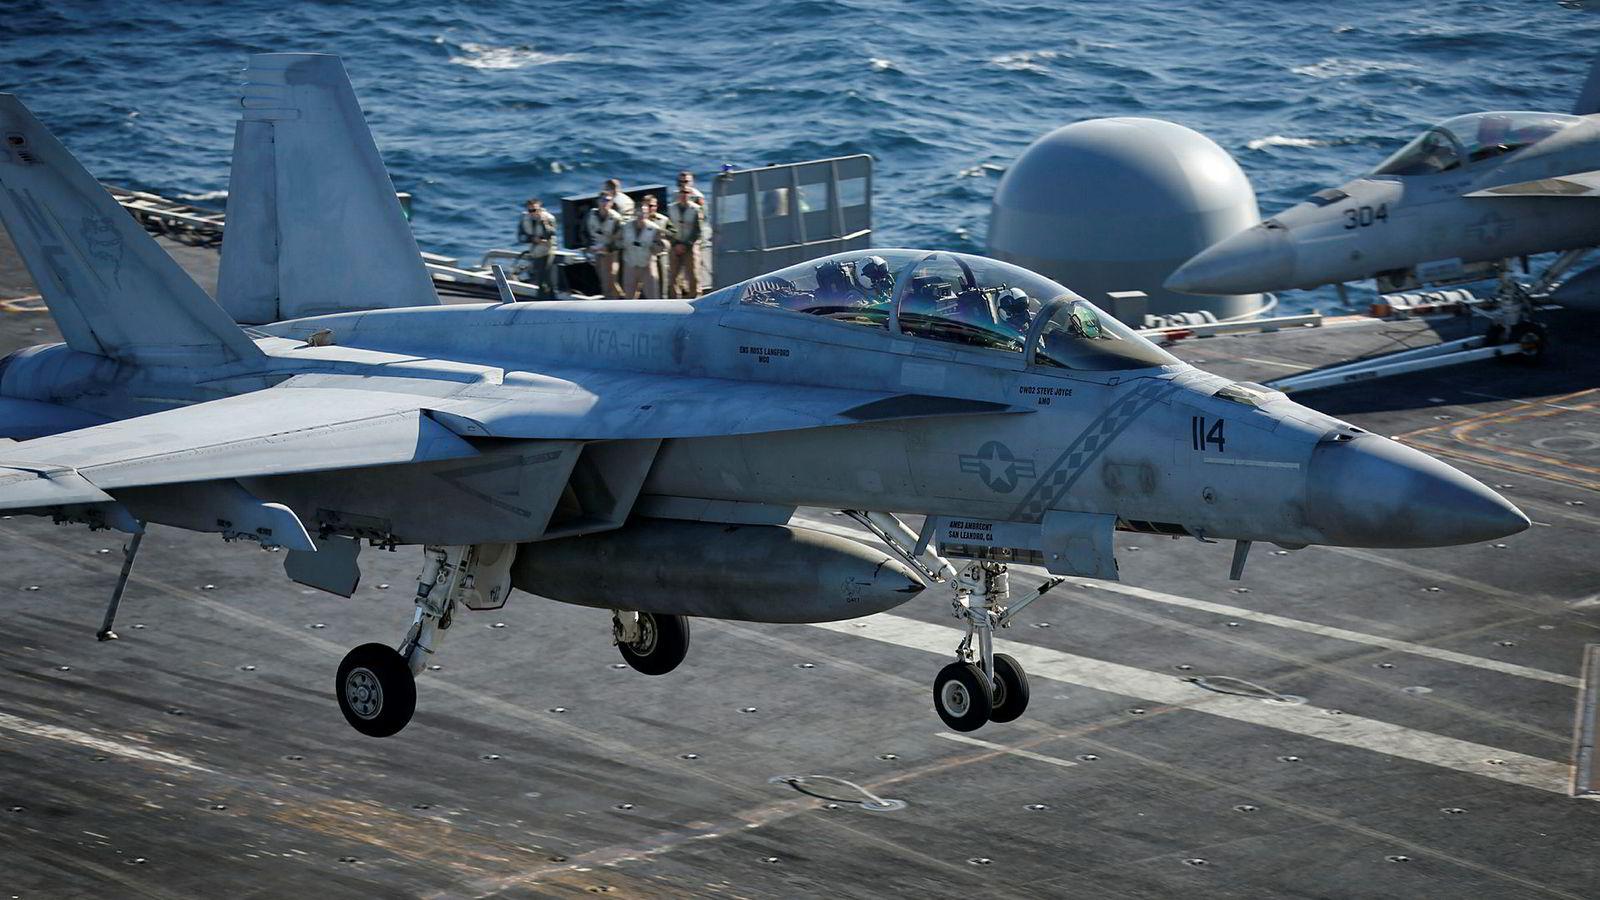 Pengebruken til forsvar øker globalt. USA er det landet i verdens som bruker klart mest penger på forsvar.